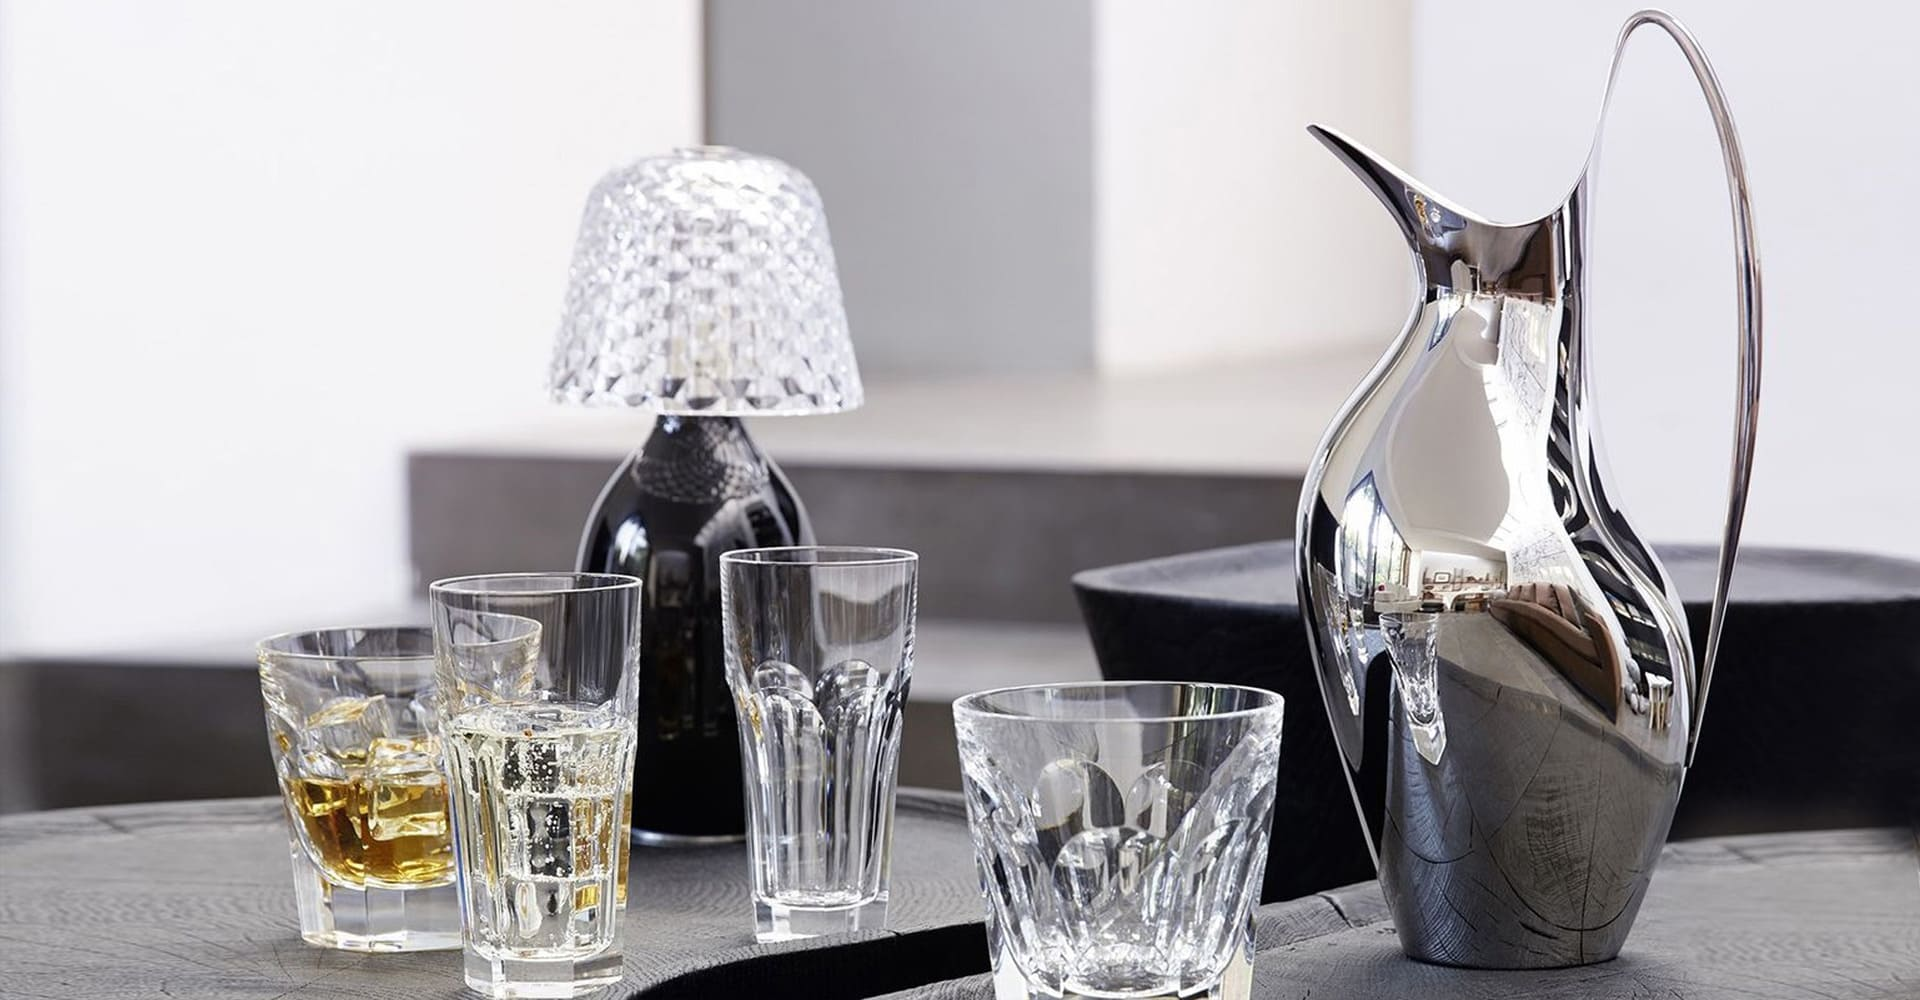 Acciaio di Jensen e bicchieri in cristallo di Baccarat